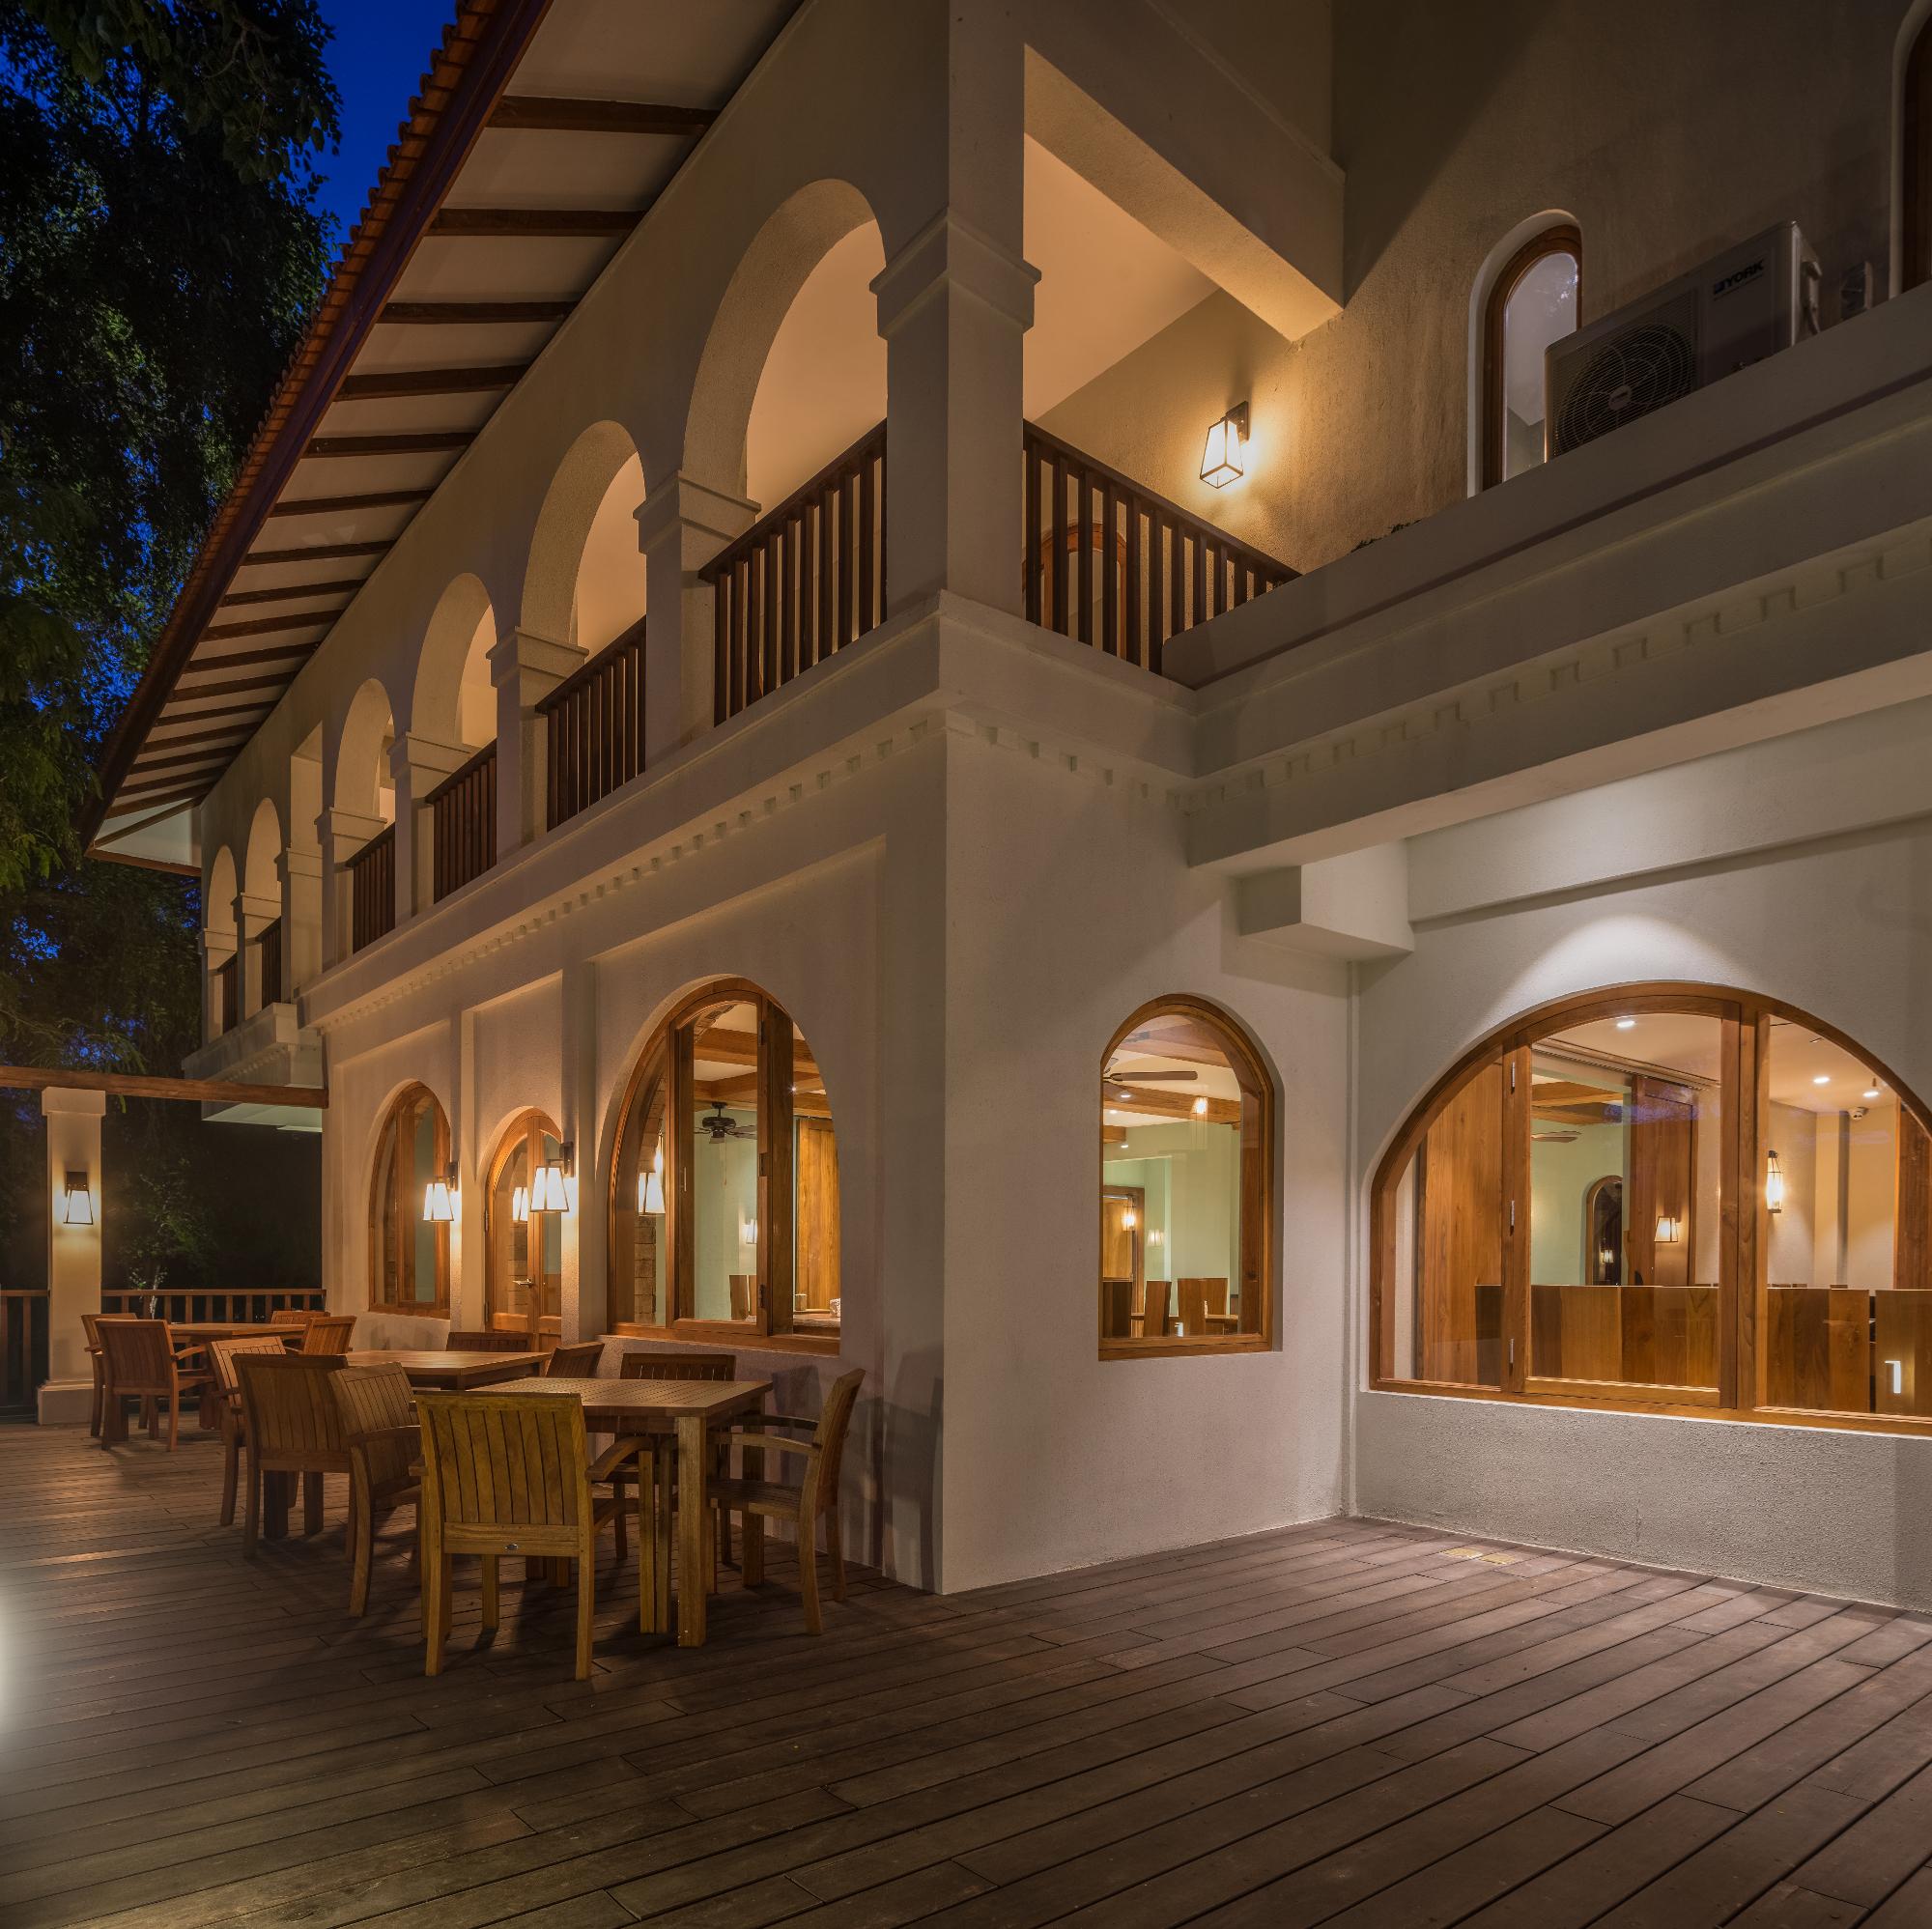 sanctum-terrace-6